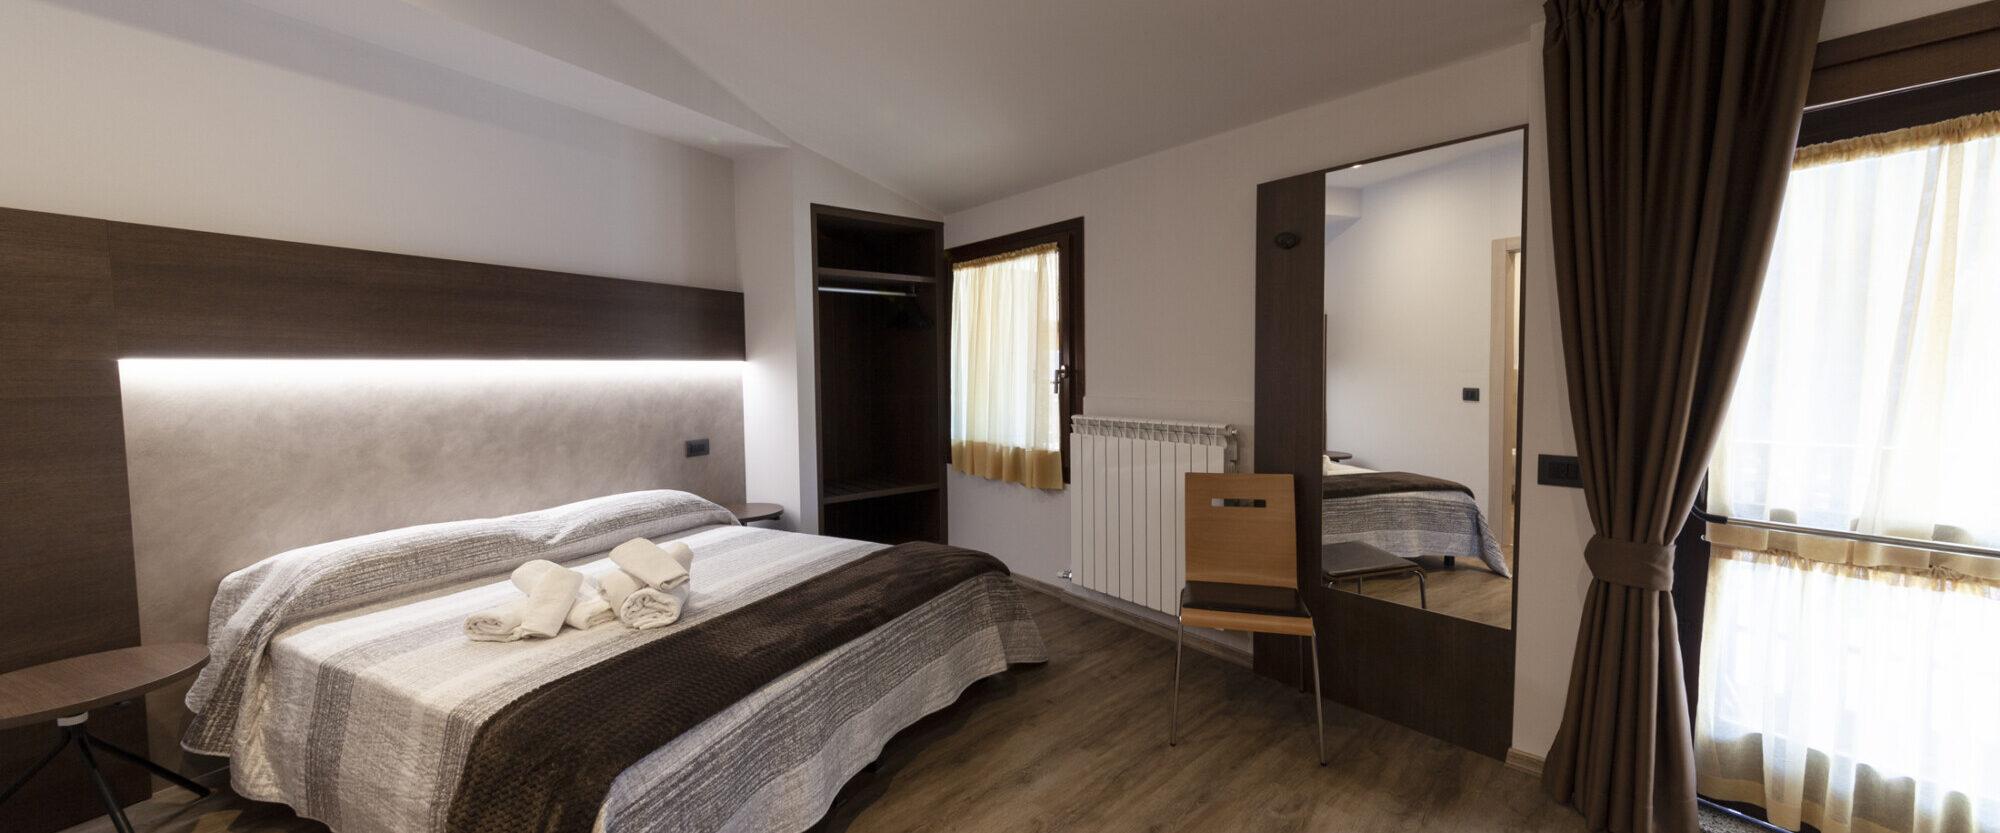 Benvenuti al Borel Hotel 1